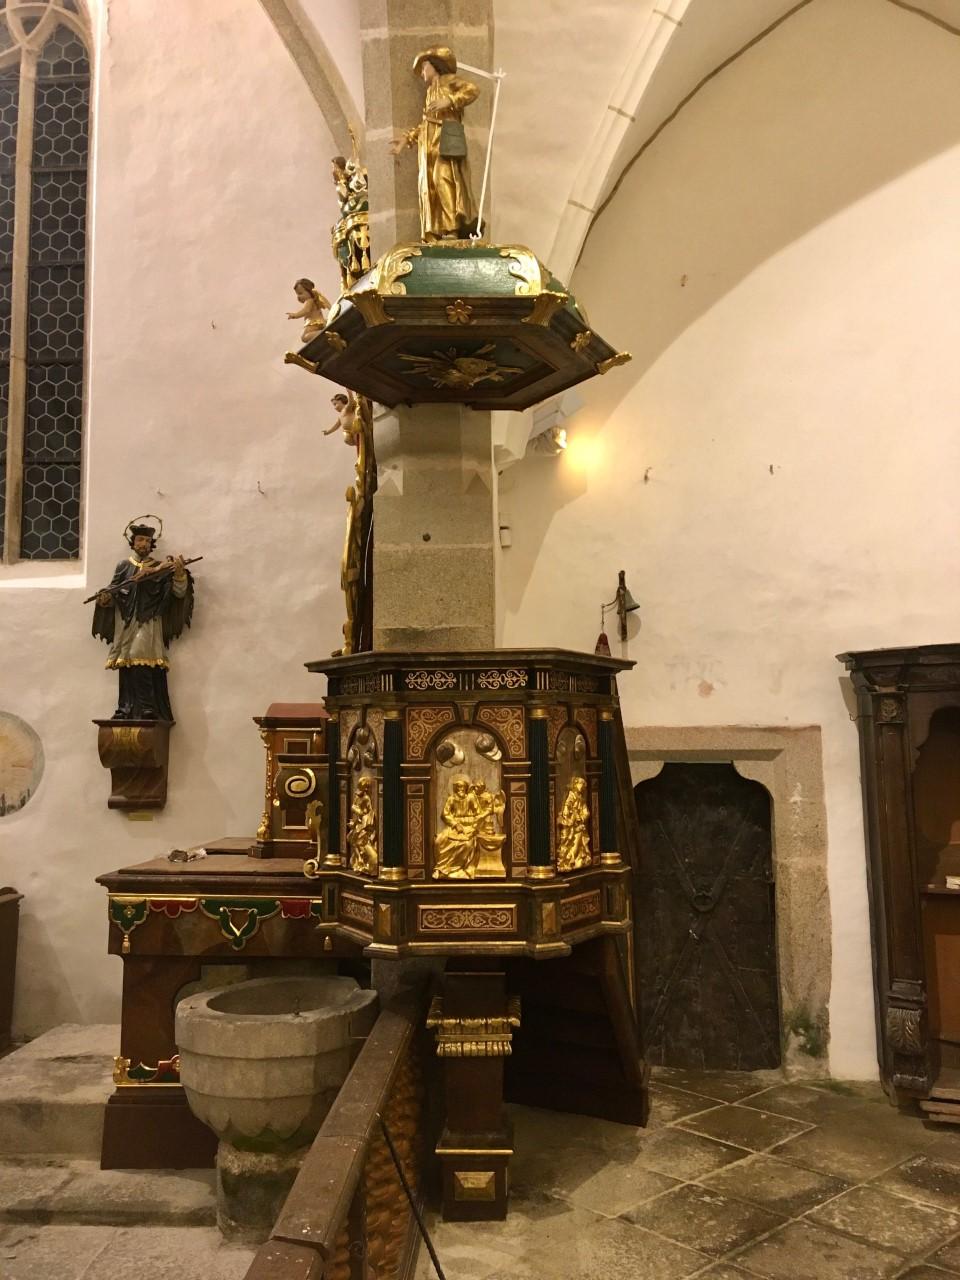 Zrestaurování kazatelny v kostele sv. Jana Křtitele v Zátoni